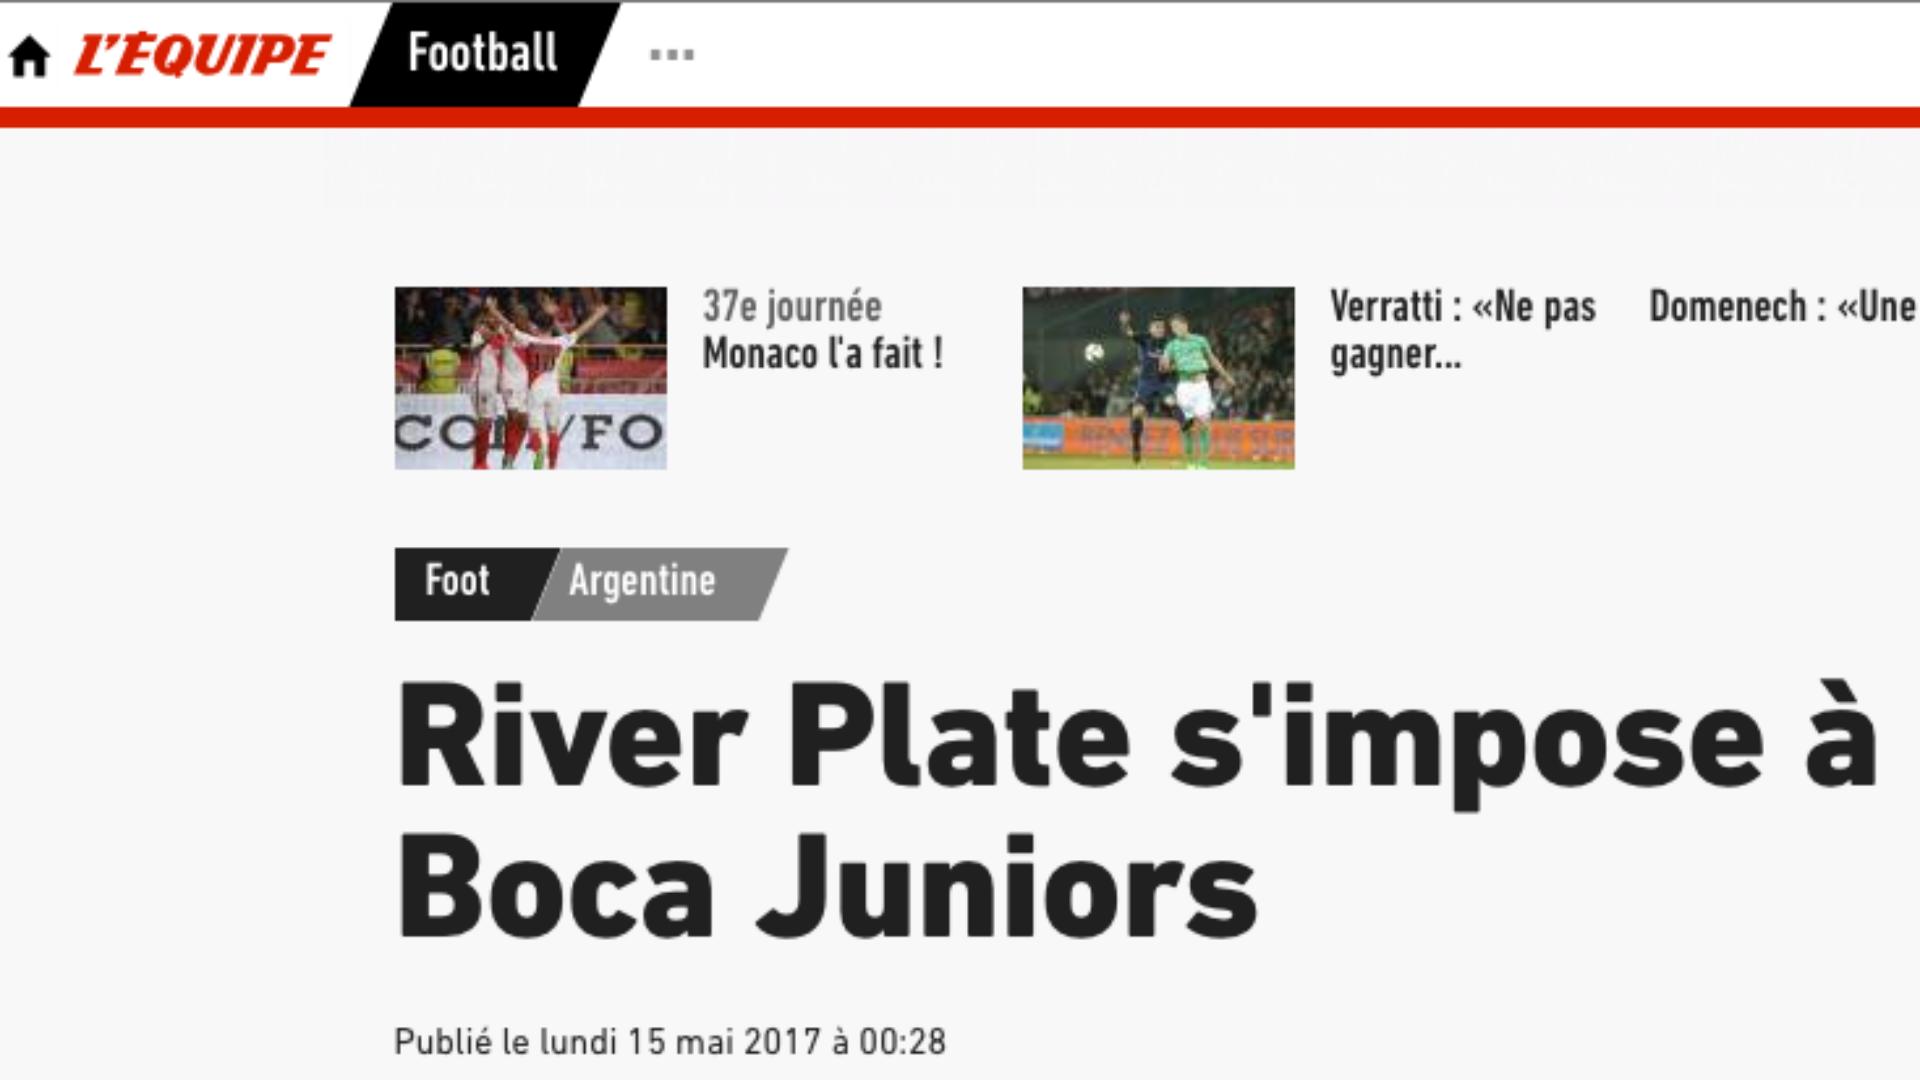 Después de la derrota con River, Barros Schelotto cambió medio equipo